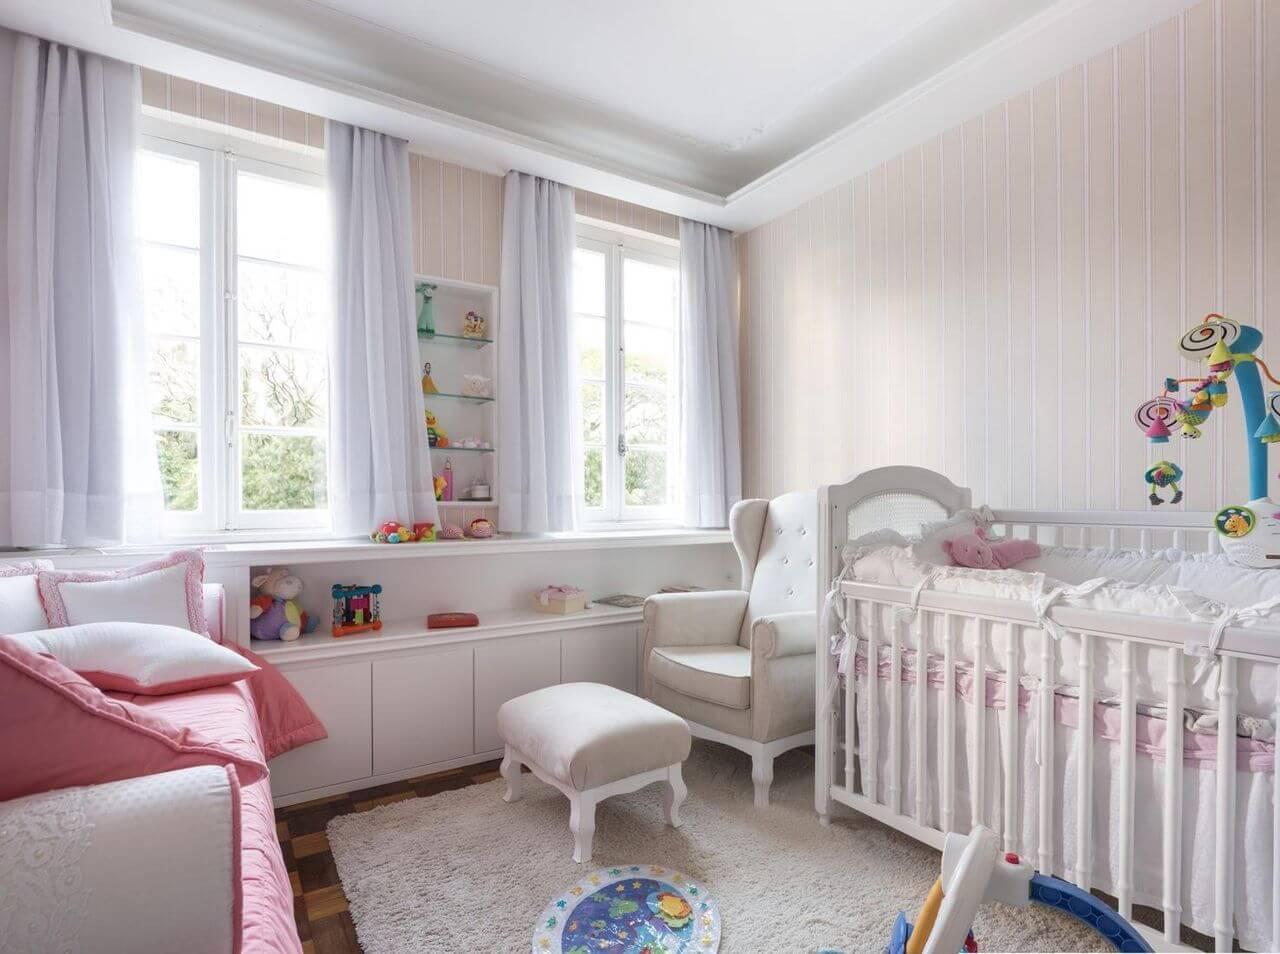 Decoração de quarto de bebêcom bastante luz natural e predomínio de cores neutras com toques de cor Projeto de Kali Arquitetura